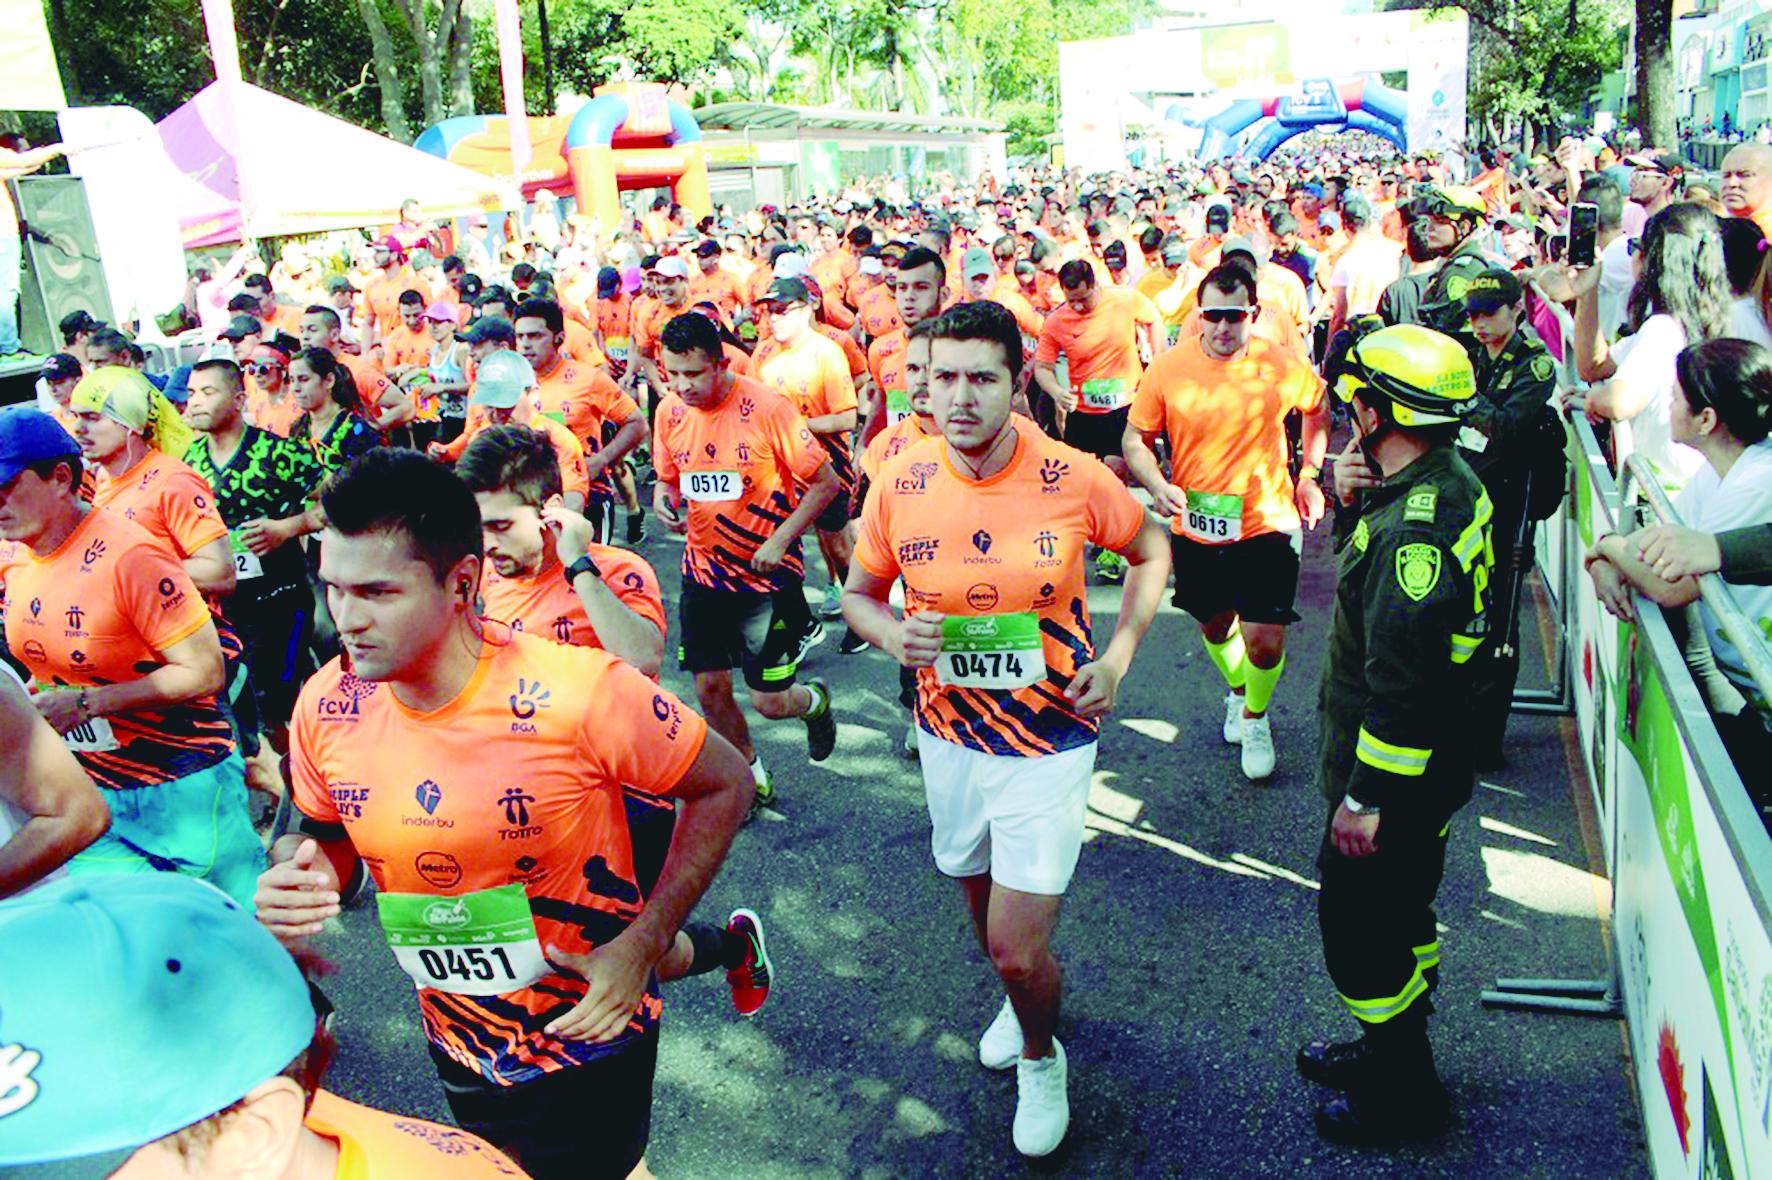 Todo listo para la Media Maratón de Bucaramanga – FCV | EL FRENTE